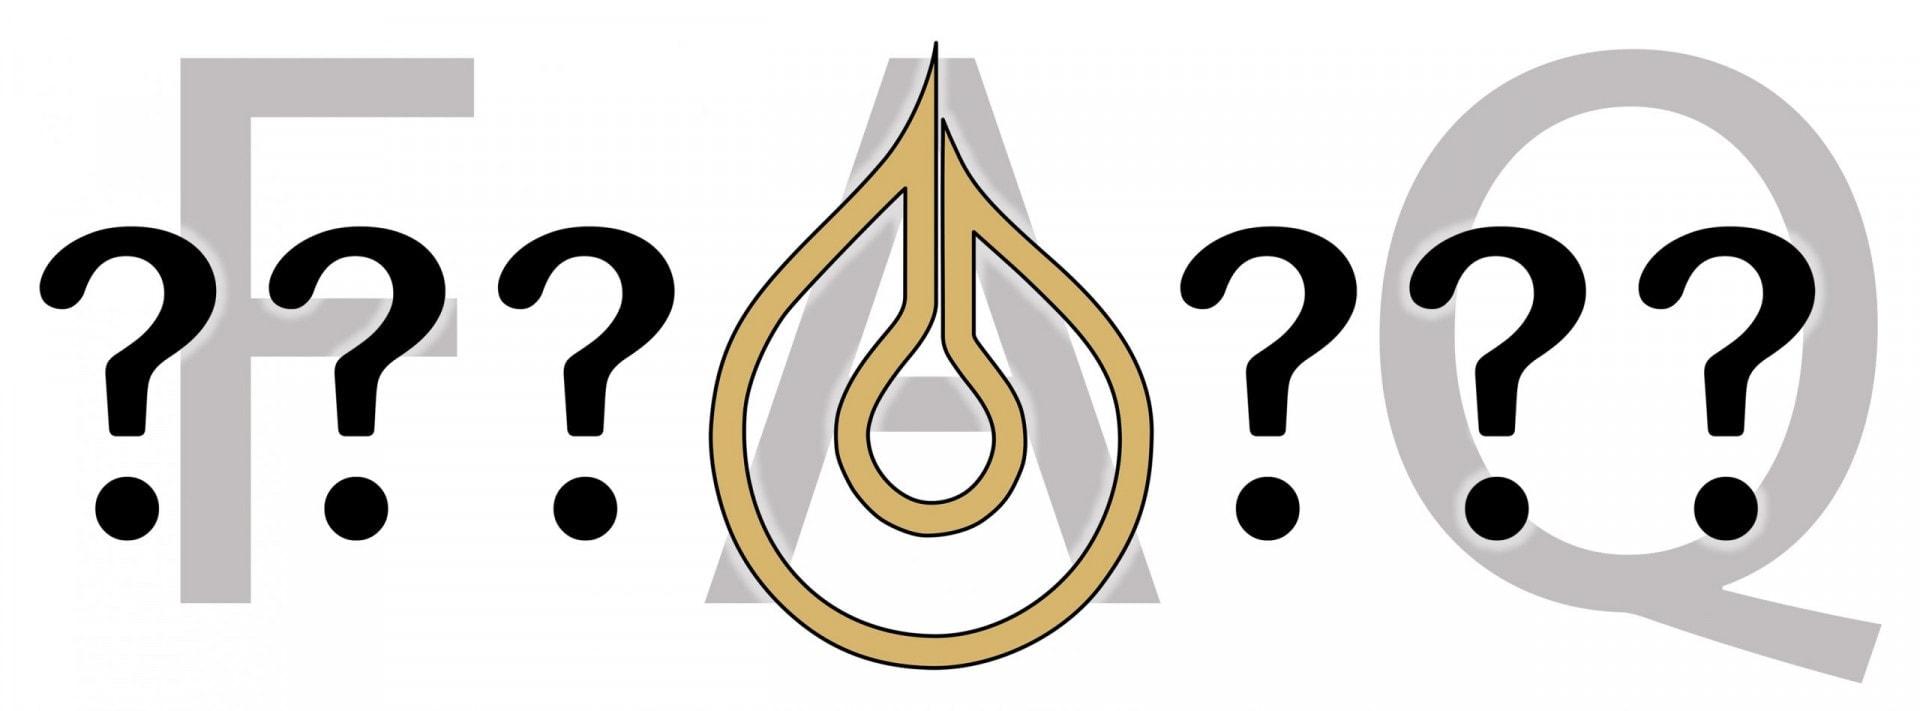 Öltropfen FAQ scaled